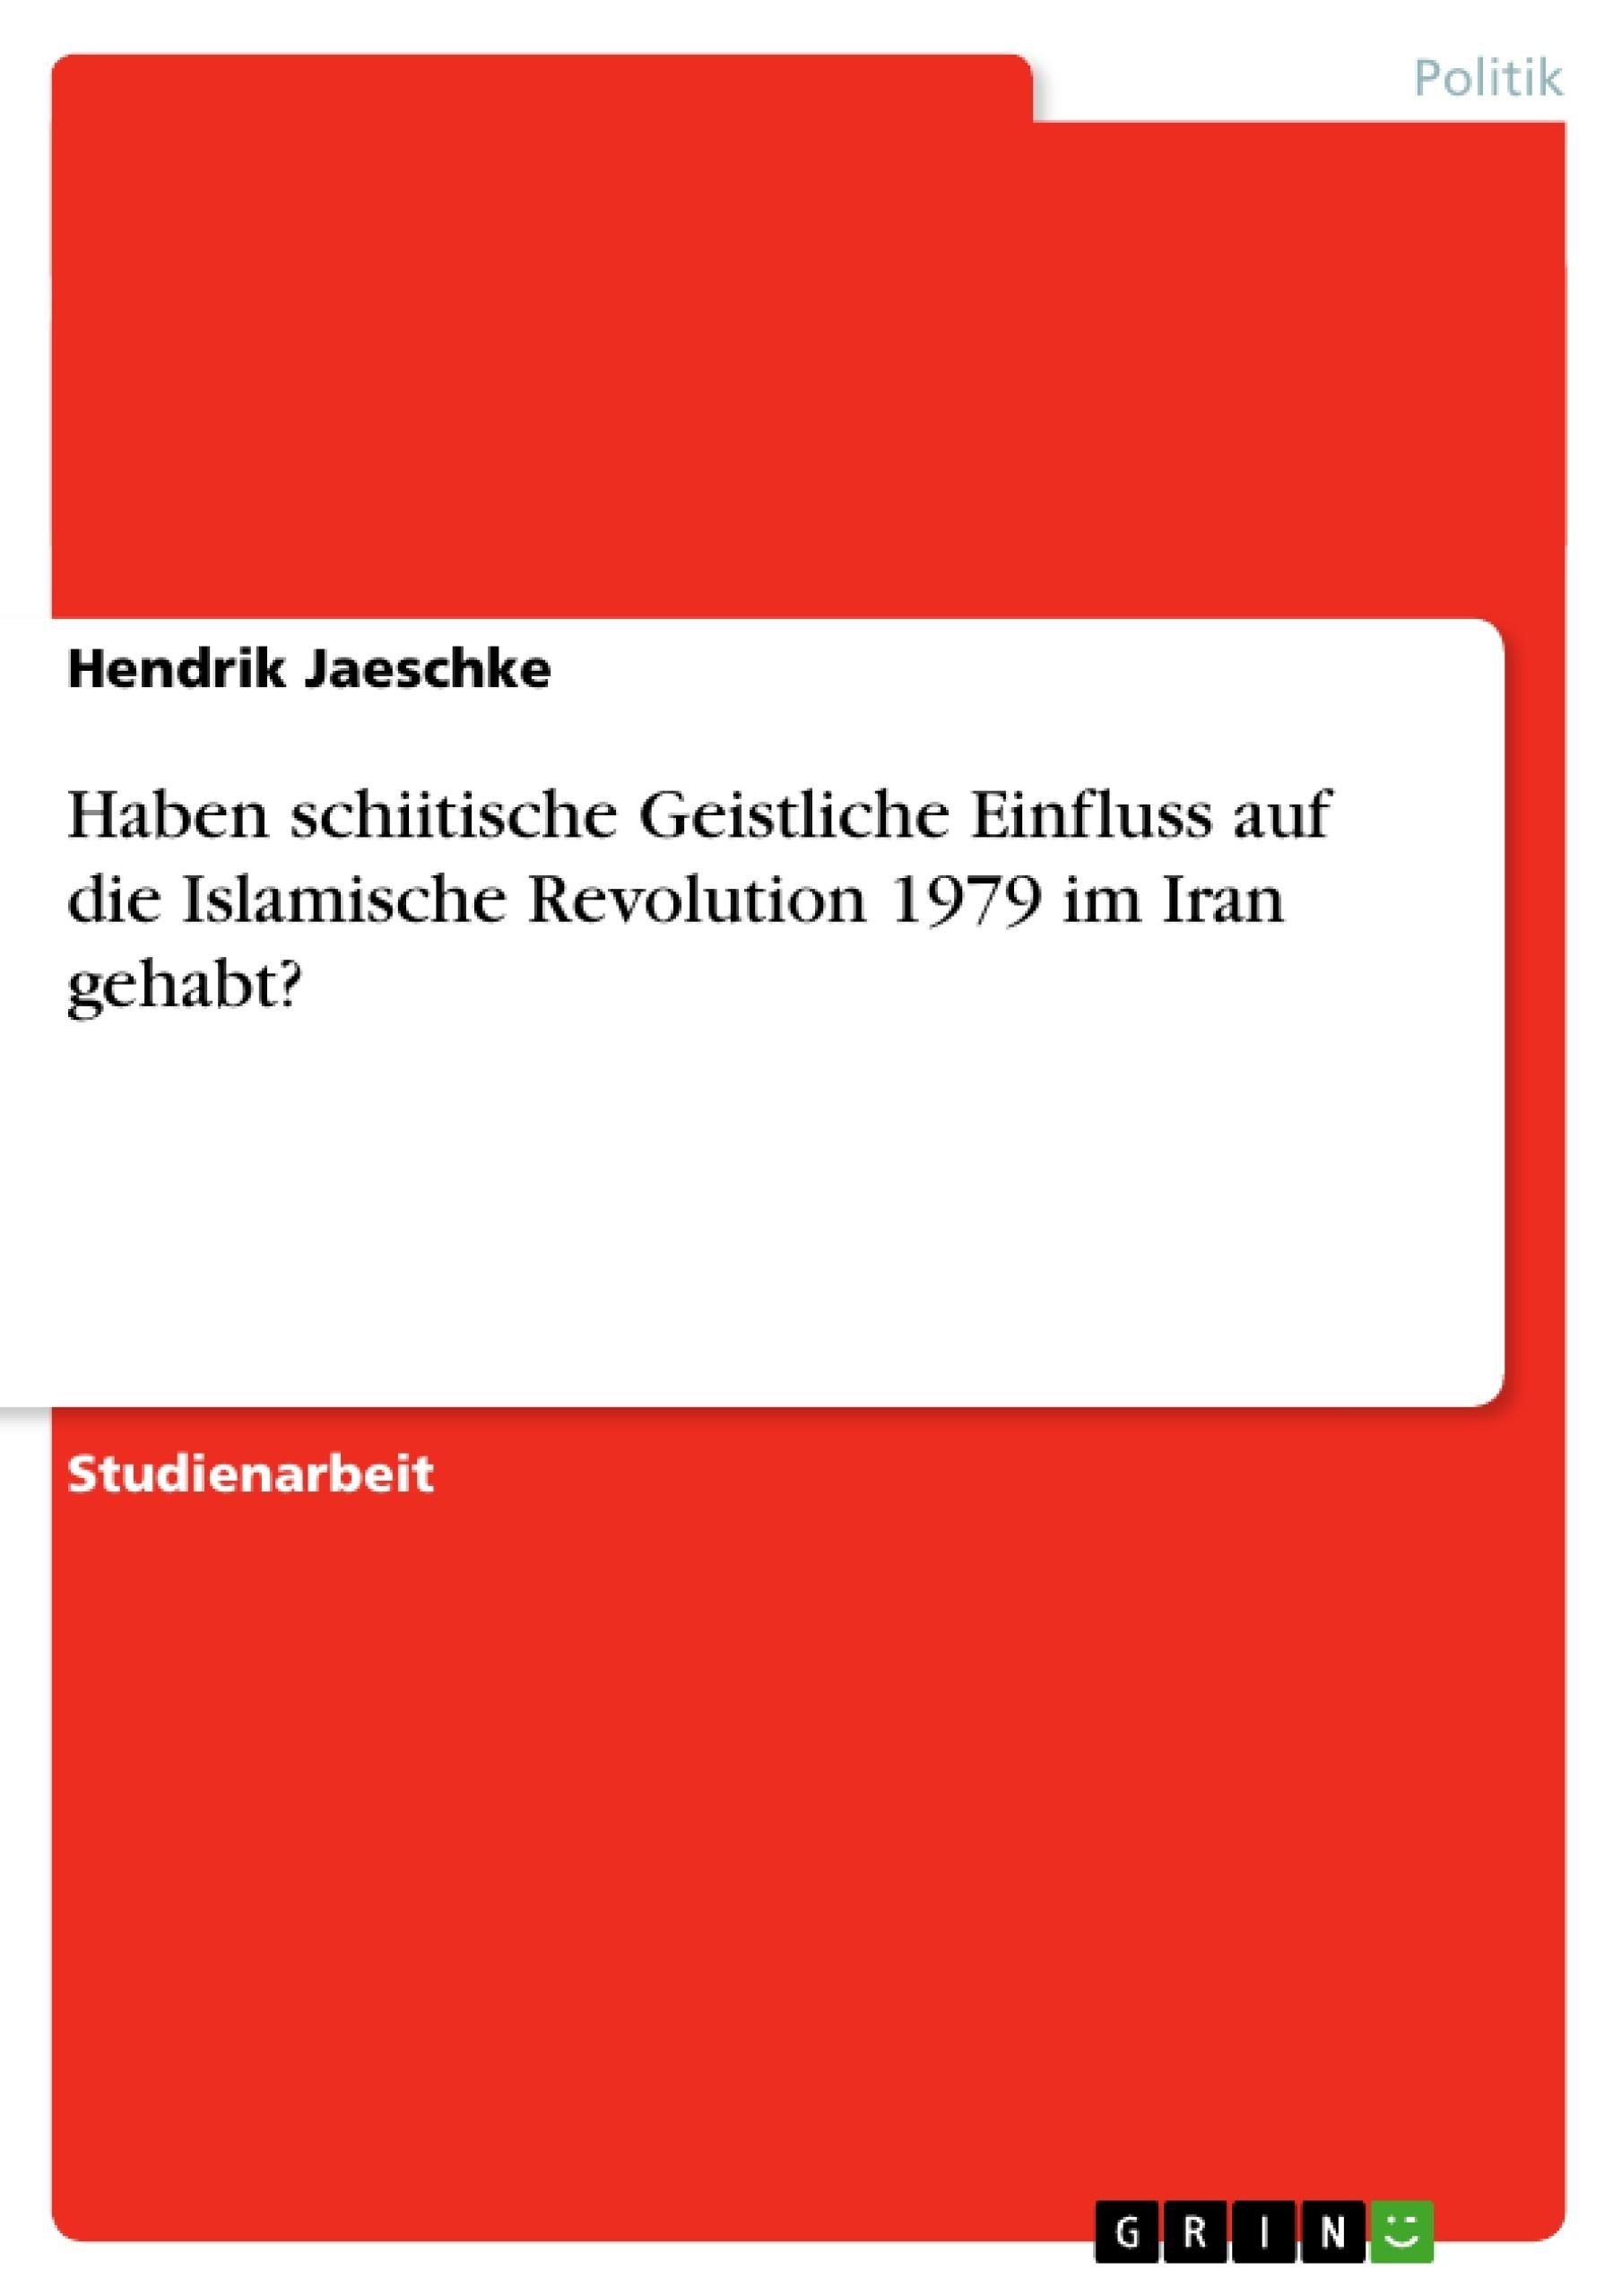 Titel: Haben schiitische Geistliche Einfluss auf die Islamische Revolution 1979 im Iran gehabt?